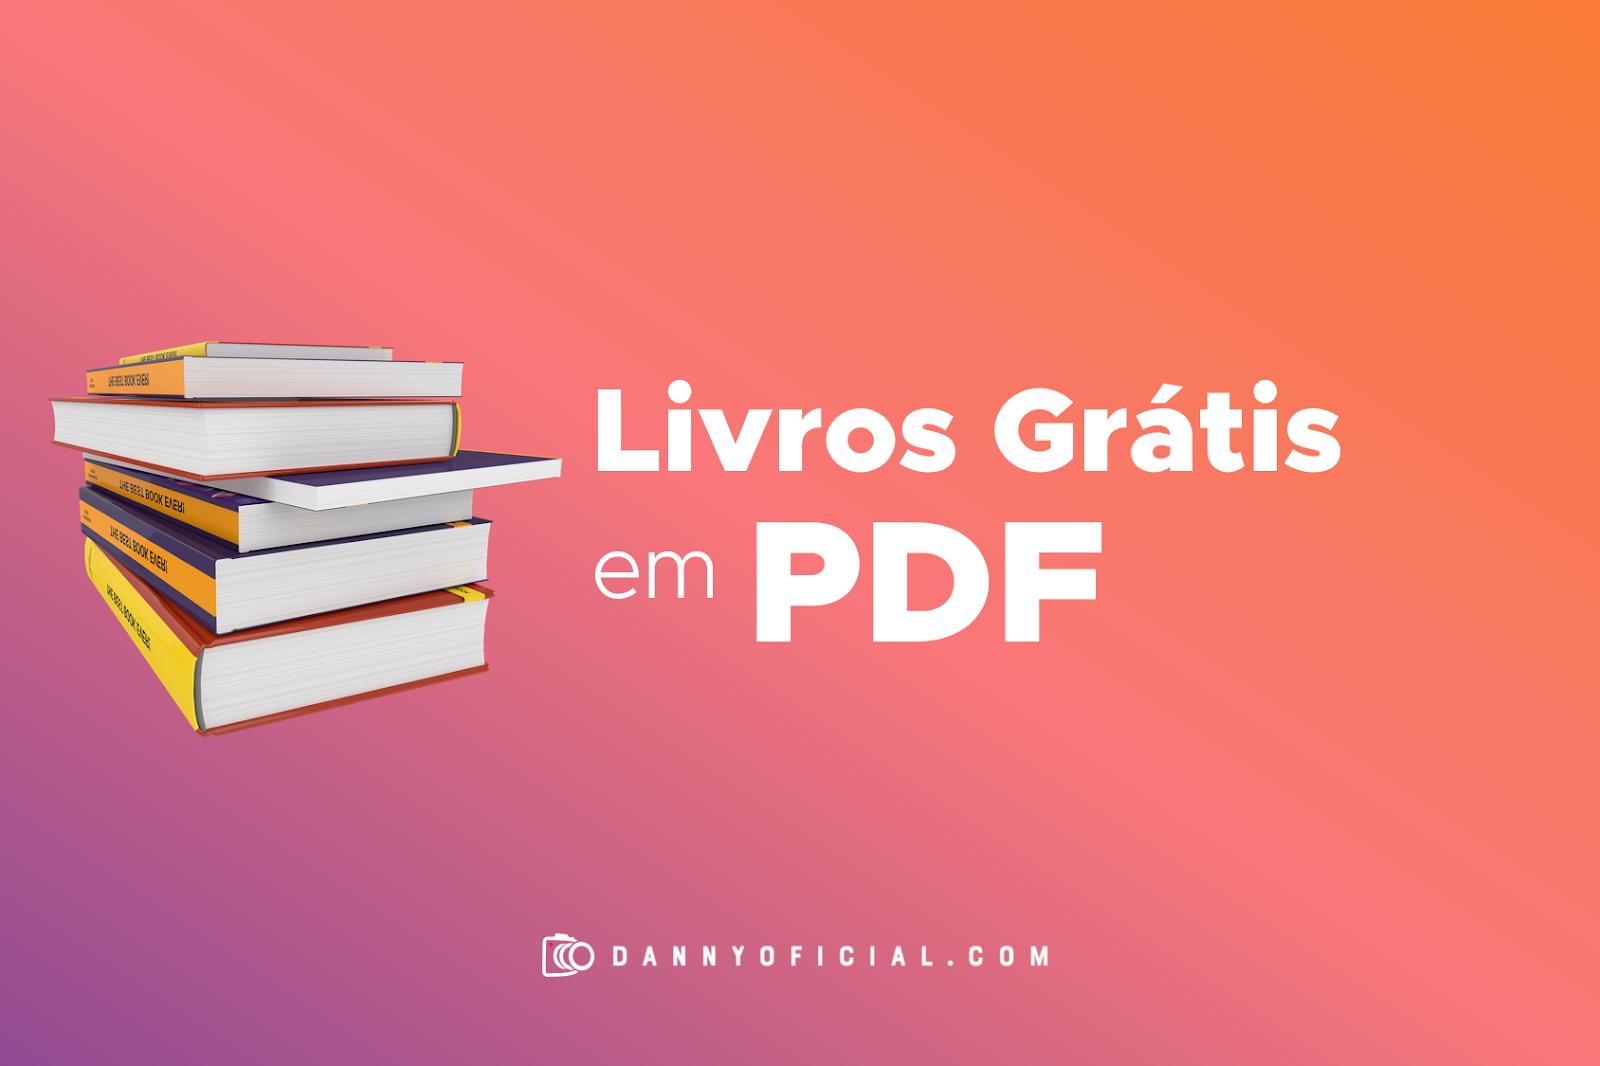 Livros grátis em PDF